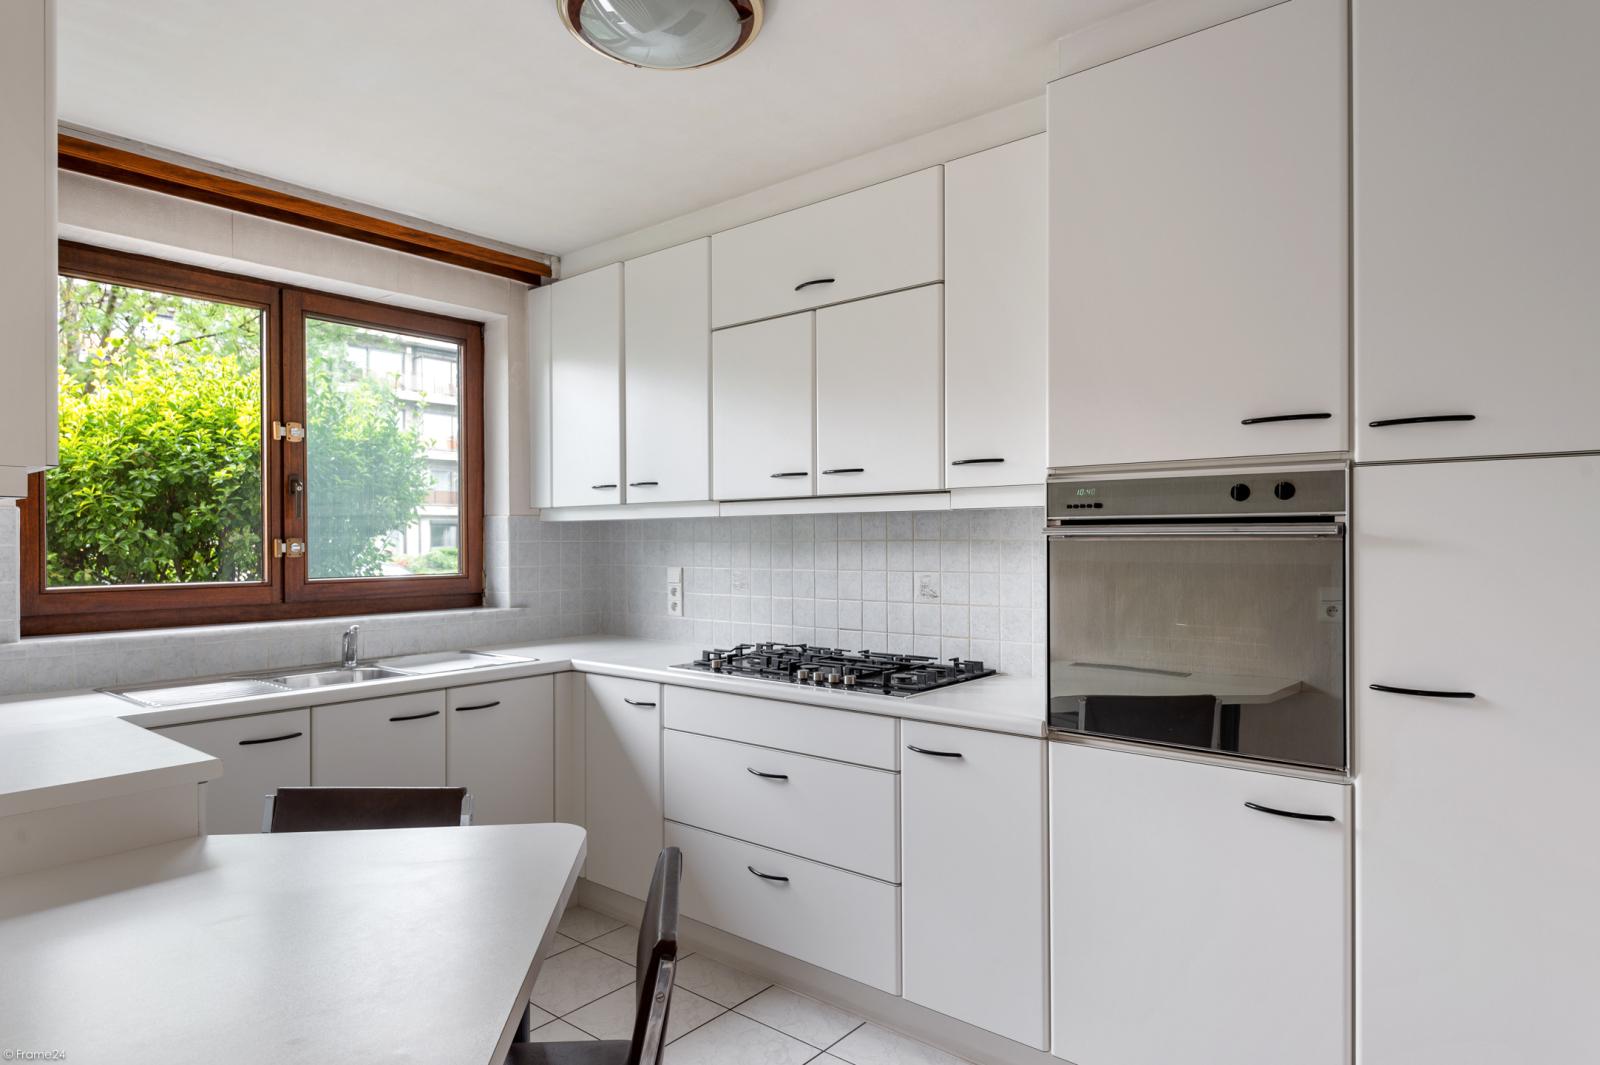 Zeer verzorgd en ruim gelijkvloers appartement (+/- 100m²) met tuin nabij het centrum van Schoten! afbeelding 6